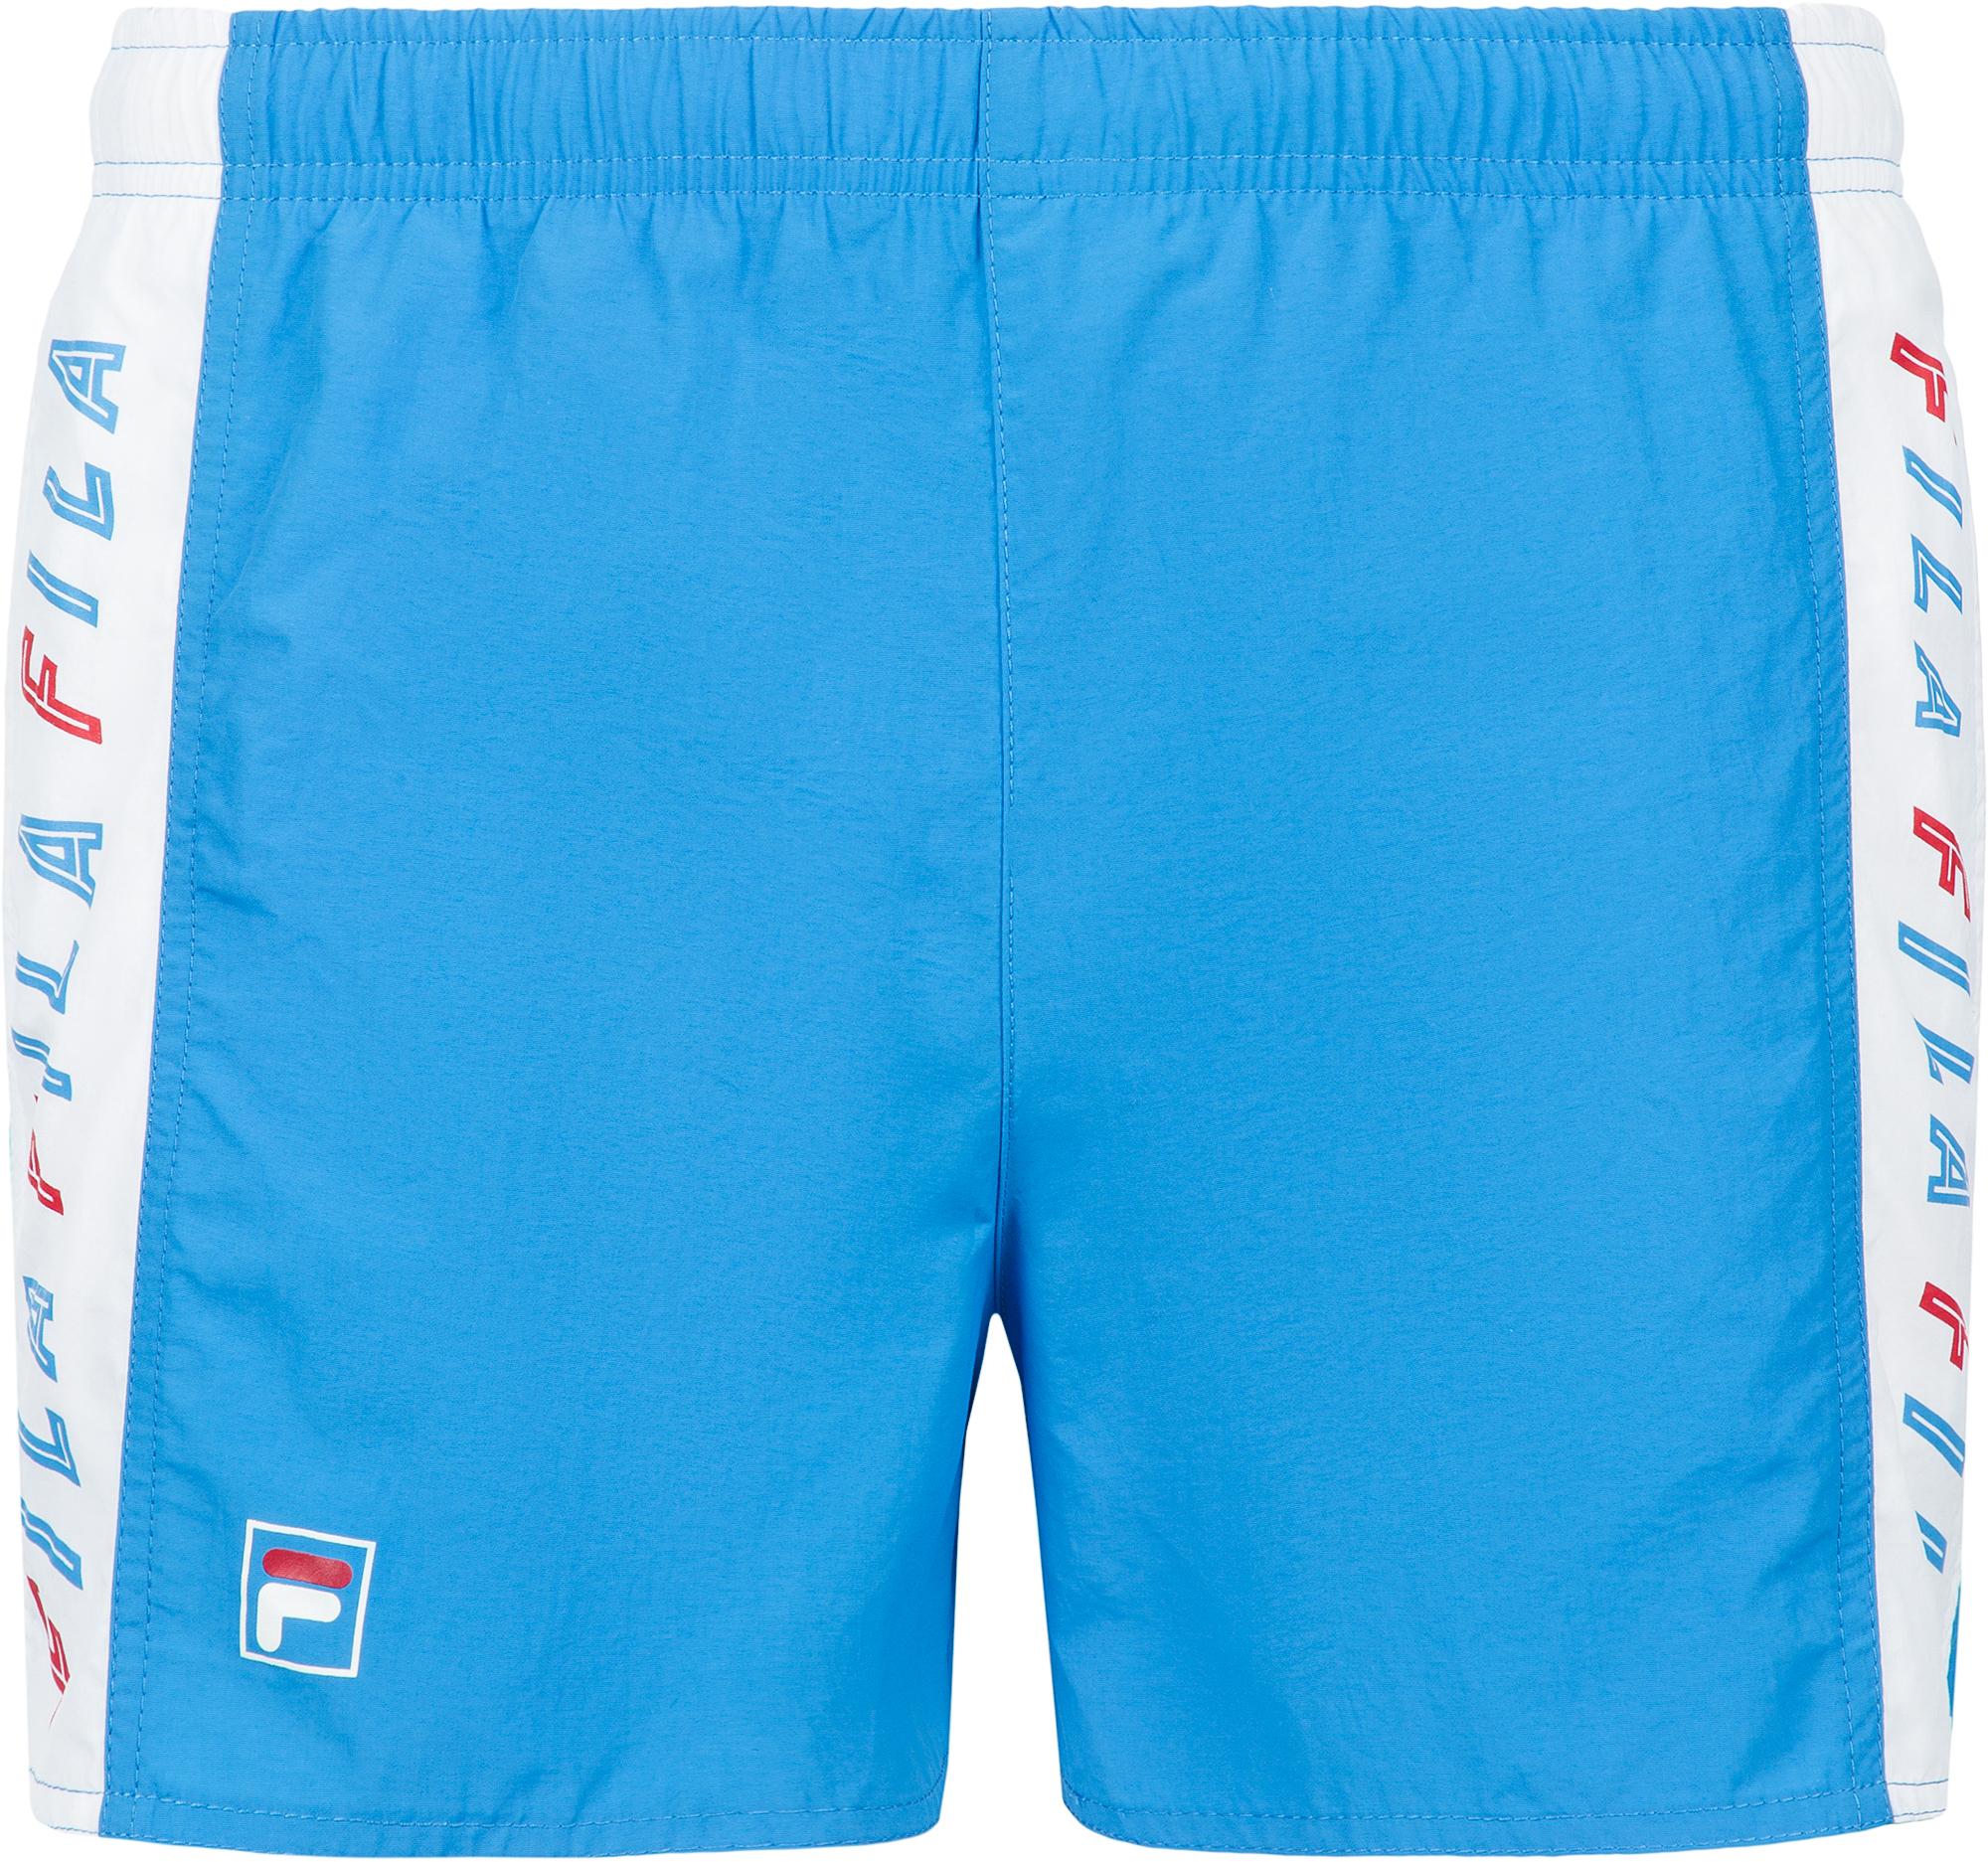 Фото - FILA Шорты плавательные мужские FILA, размер 48 fila шорты плавательные для мальчиков fila размер 164